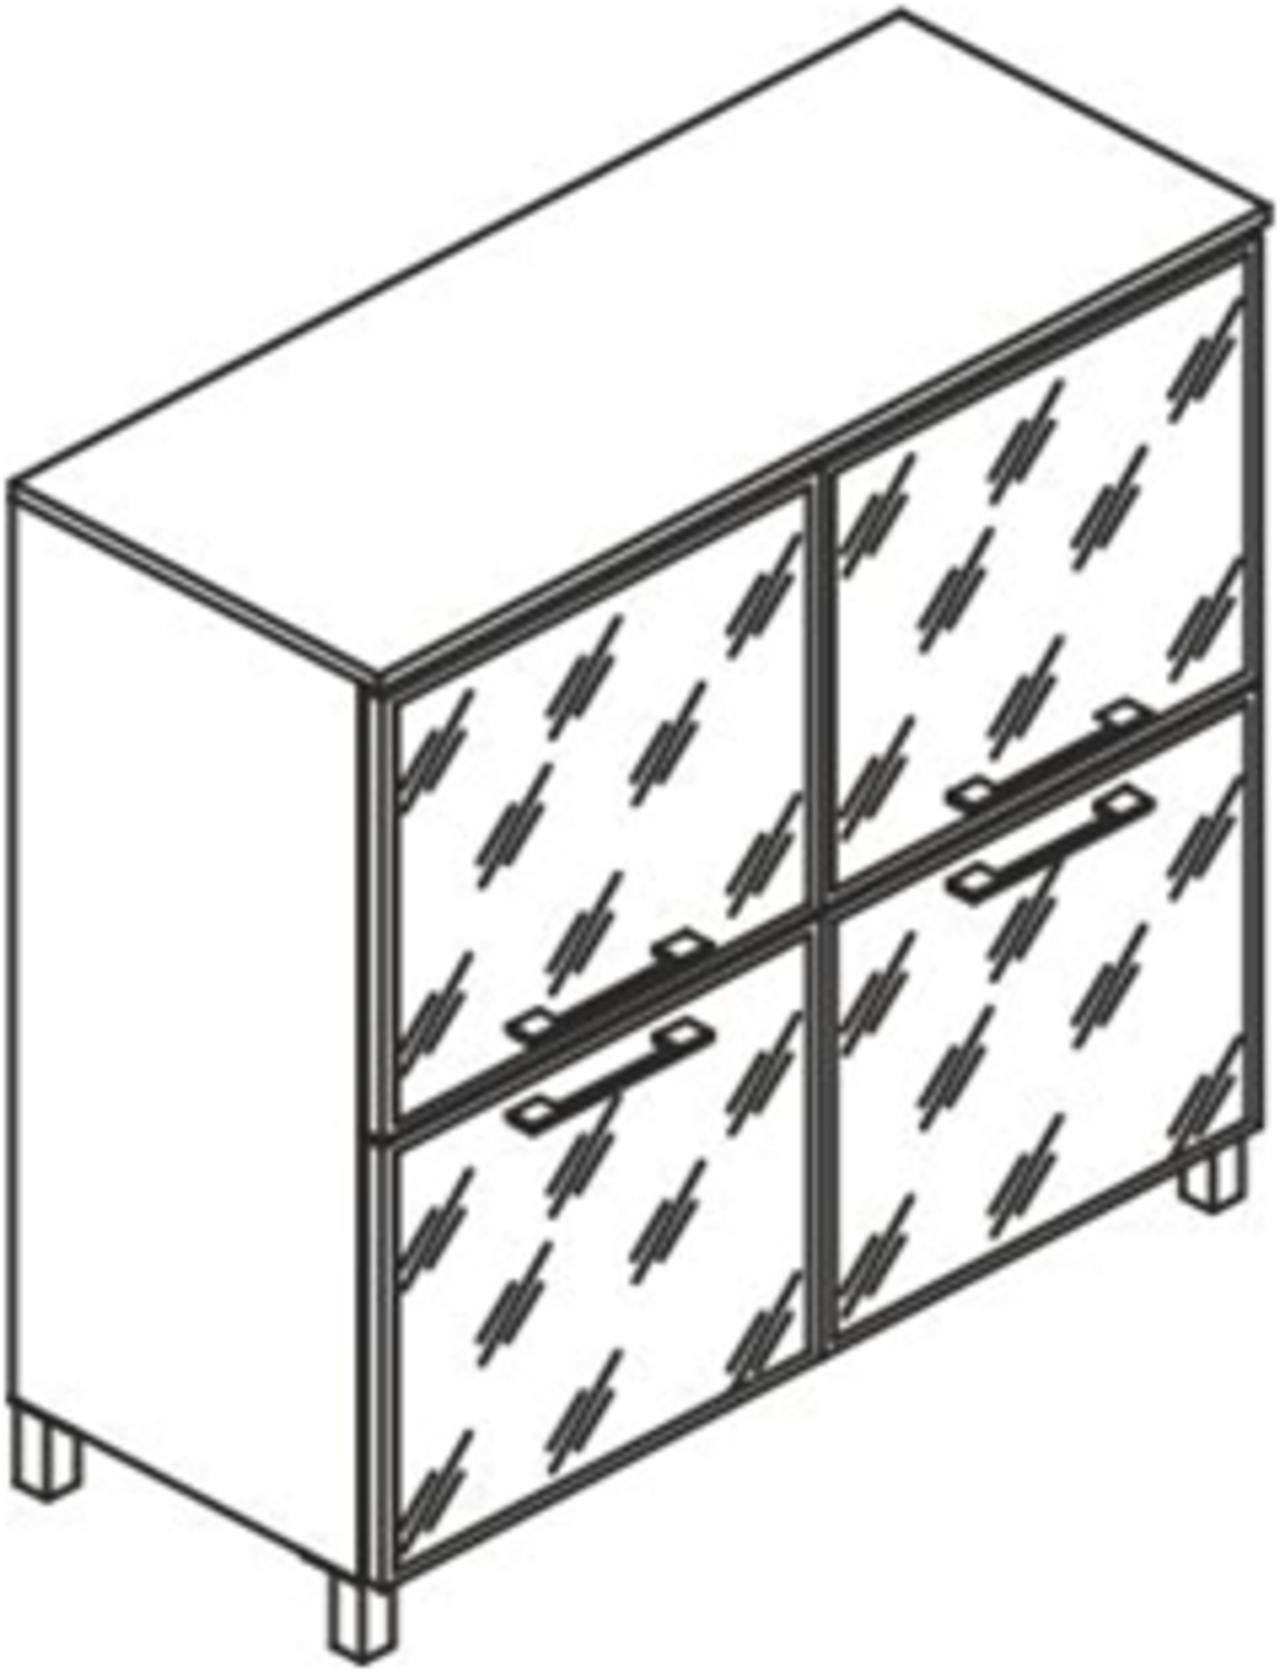 Стеллаж квадратный - фото 2